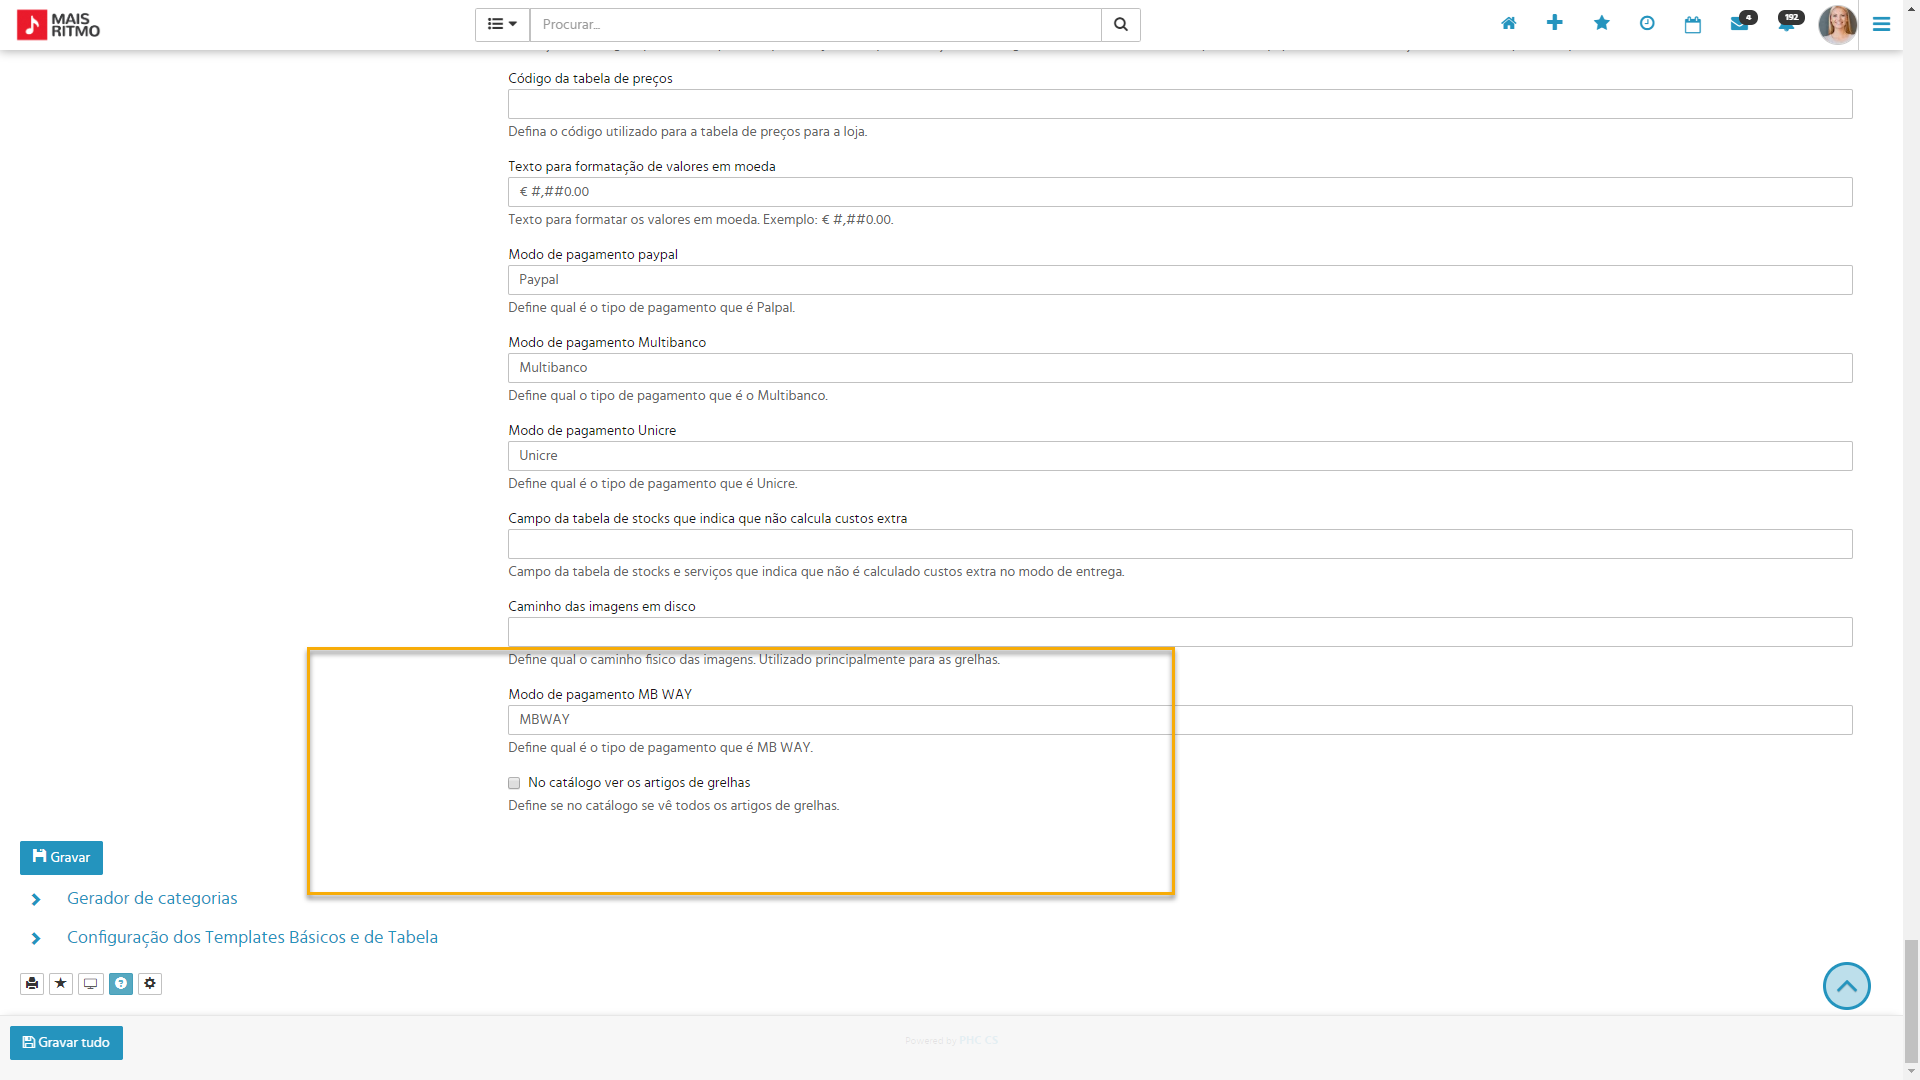 Identificação do modo pagamento MB Way no tema do PHC CS Loja web